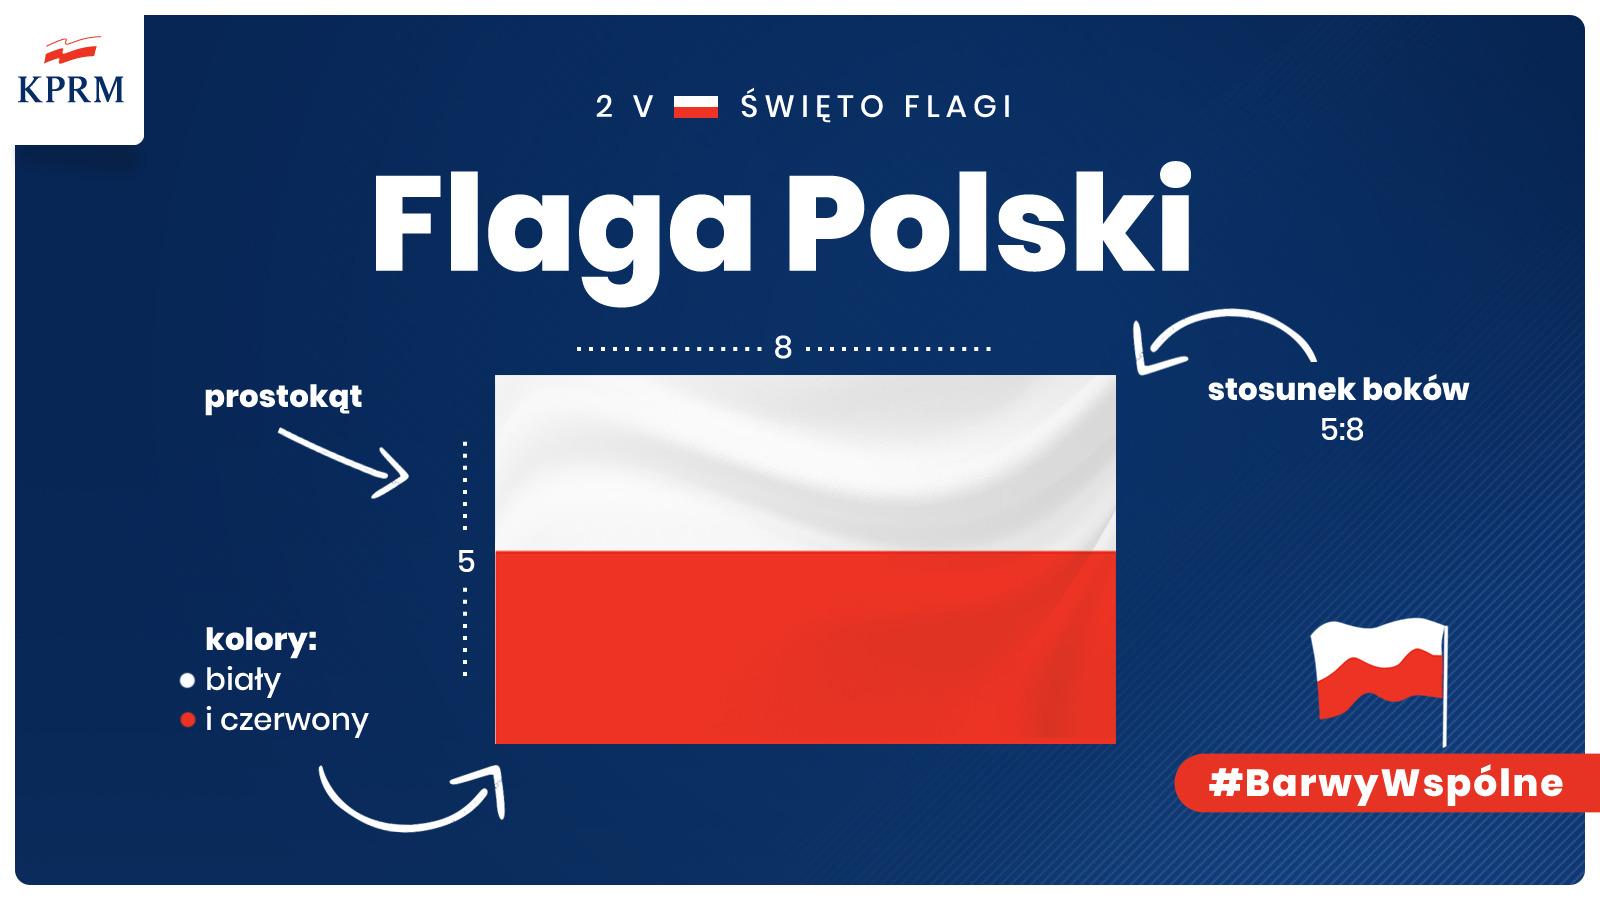 20210501 194829 2 Maja Dniem Flagi Rzeczypospolitej Polskiej – Bądźmy z niej dumni!